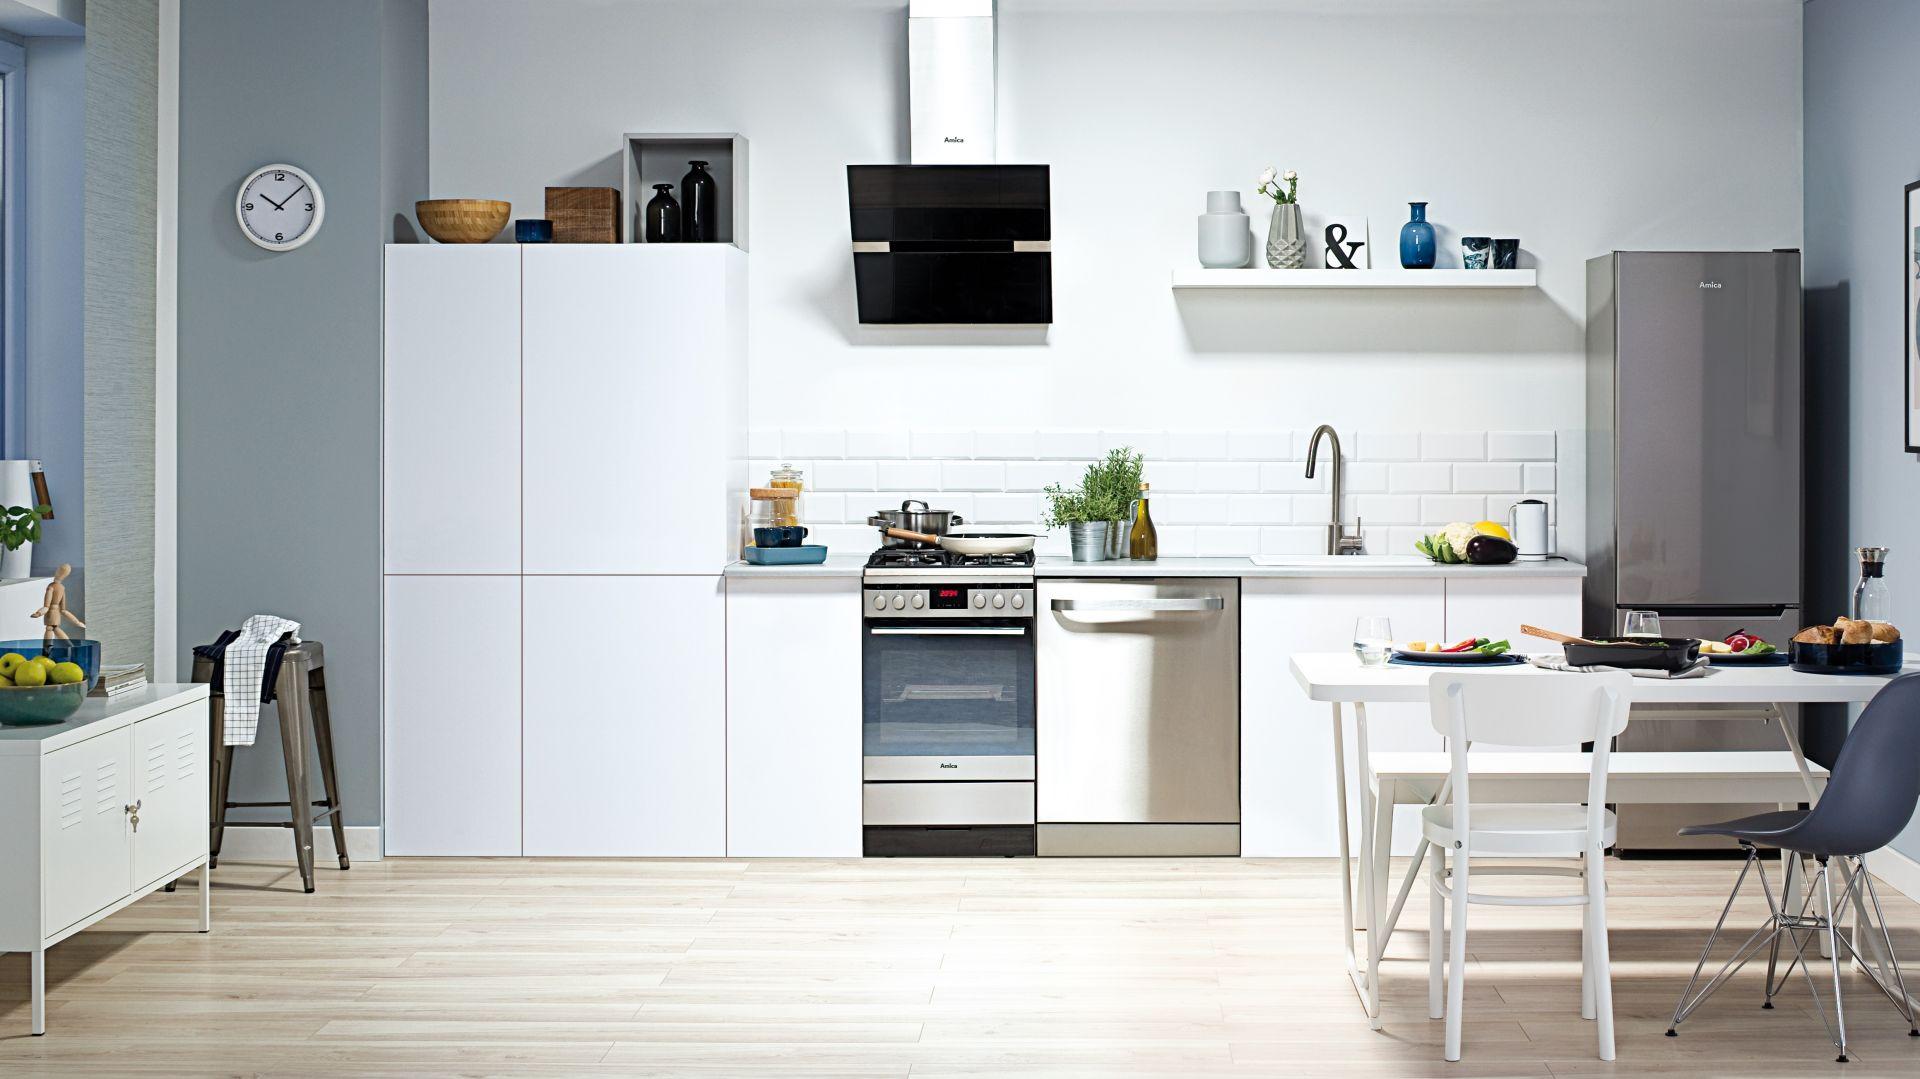 Kuchnia wolno stojąca gazowo-elektryczna 522GE2.33ZpPF(Xx) wyposażona w piekarnik oraz płytę  gazową. Fot. Amica